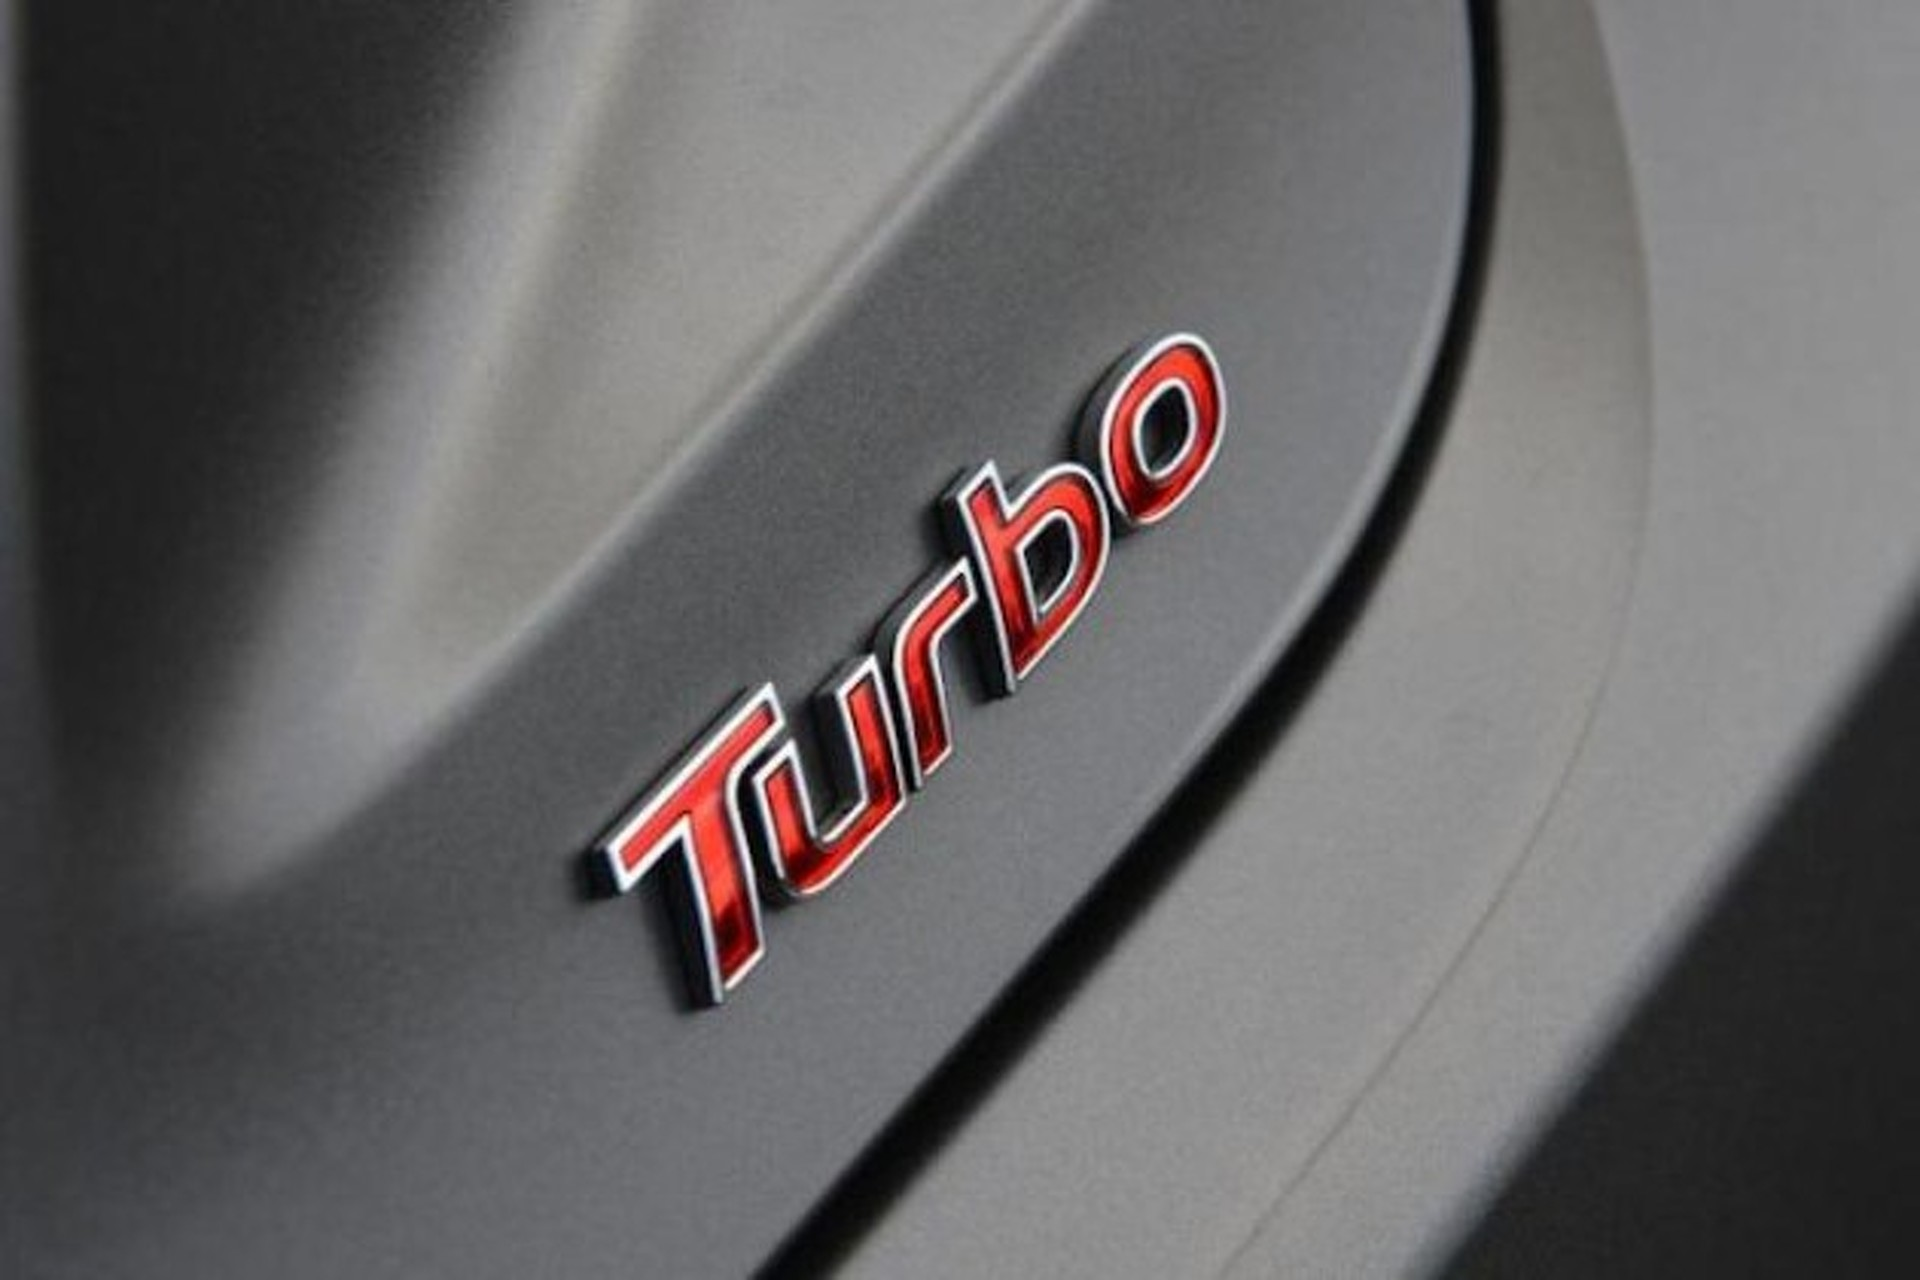 Cum prelungești viața turbinelor la BMW. 3 trucuri care îți vor salva o mulțime de bani